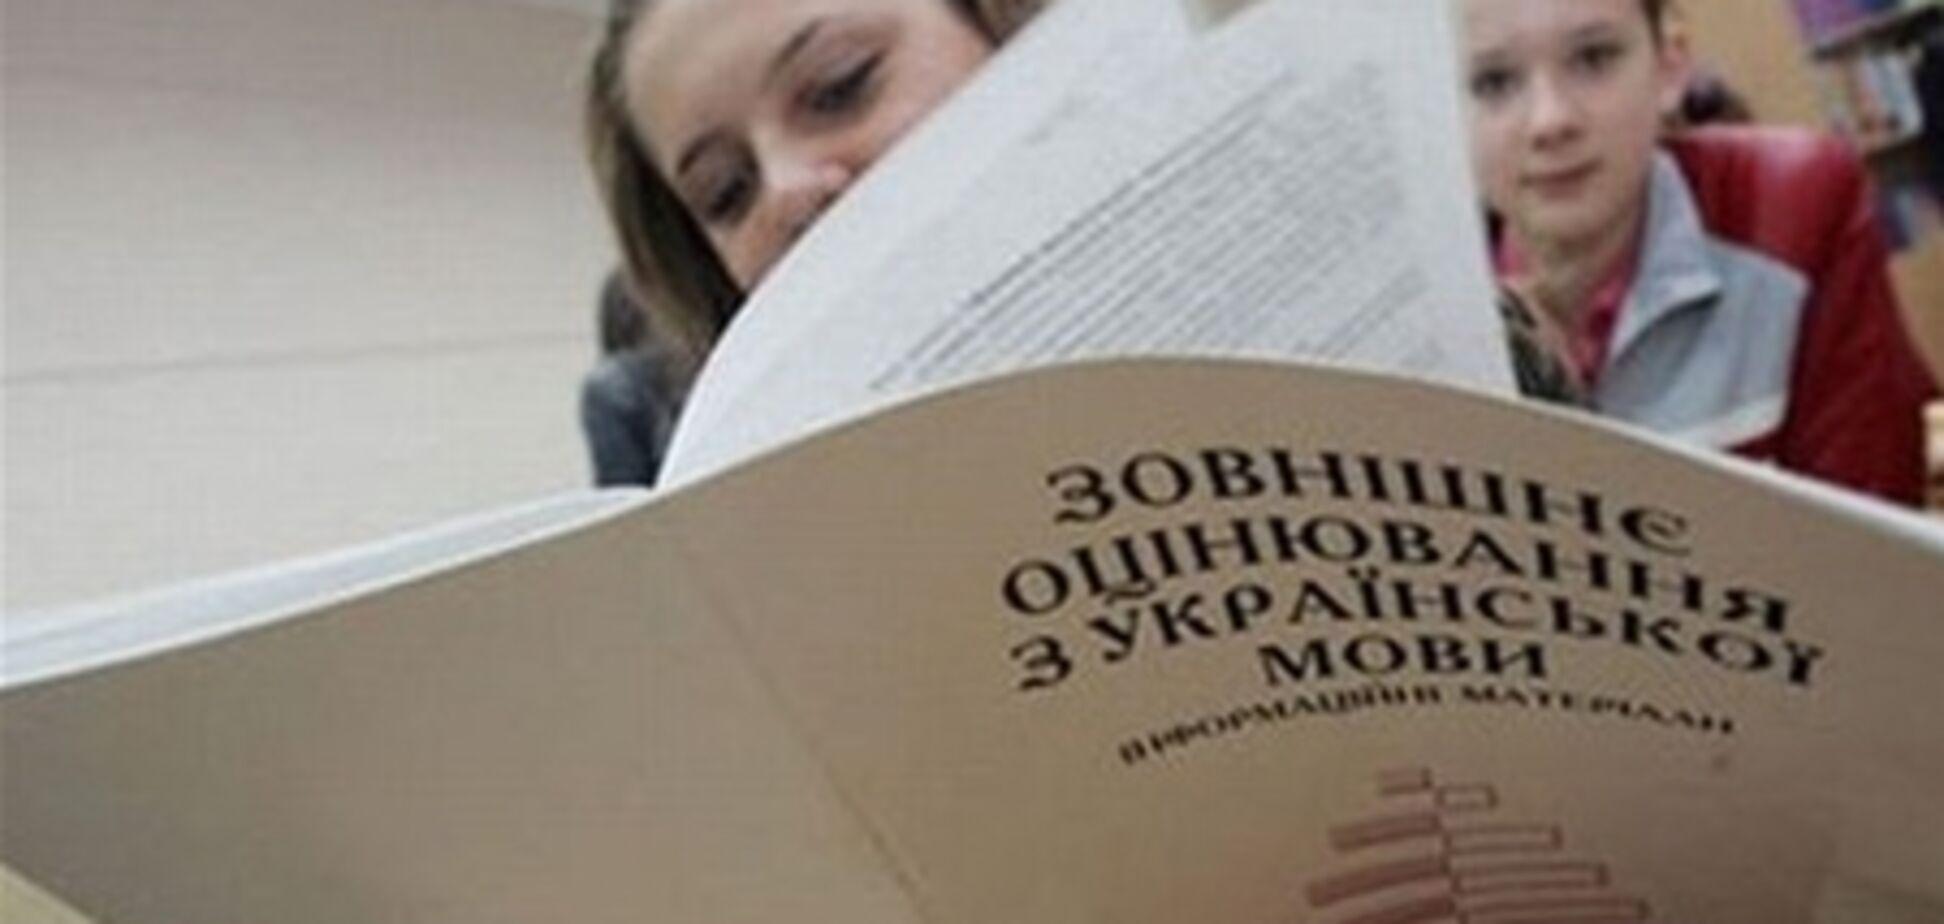 ЗНО-2013: незгоди та апеляції